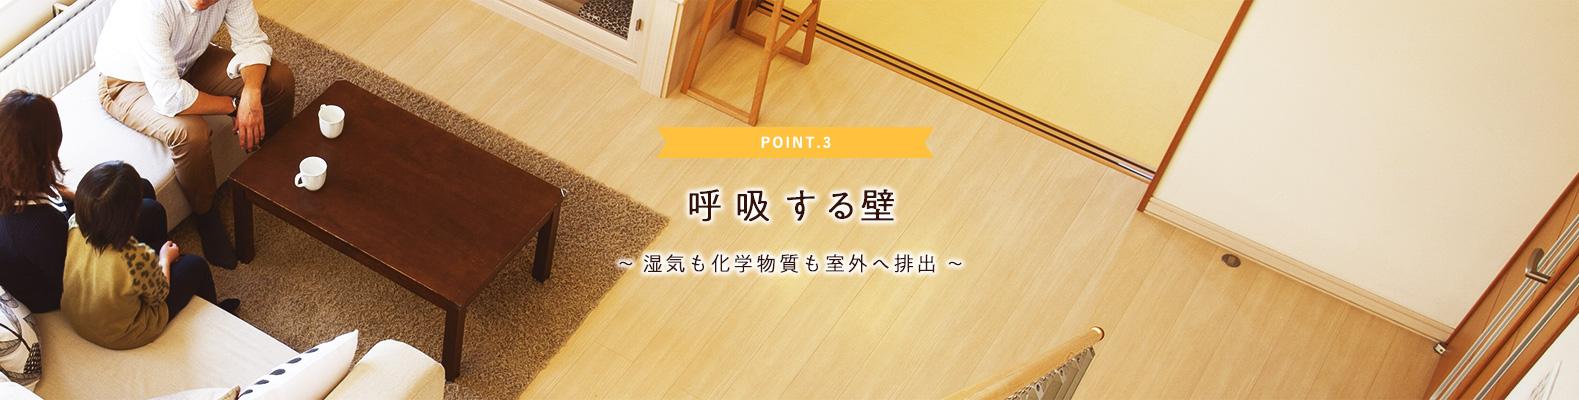 呼吸する壁 湿気も化学物質も 室外へ排出